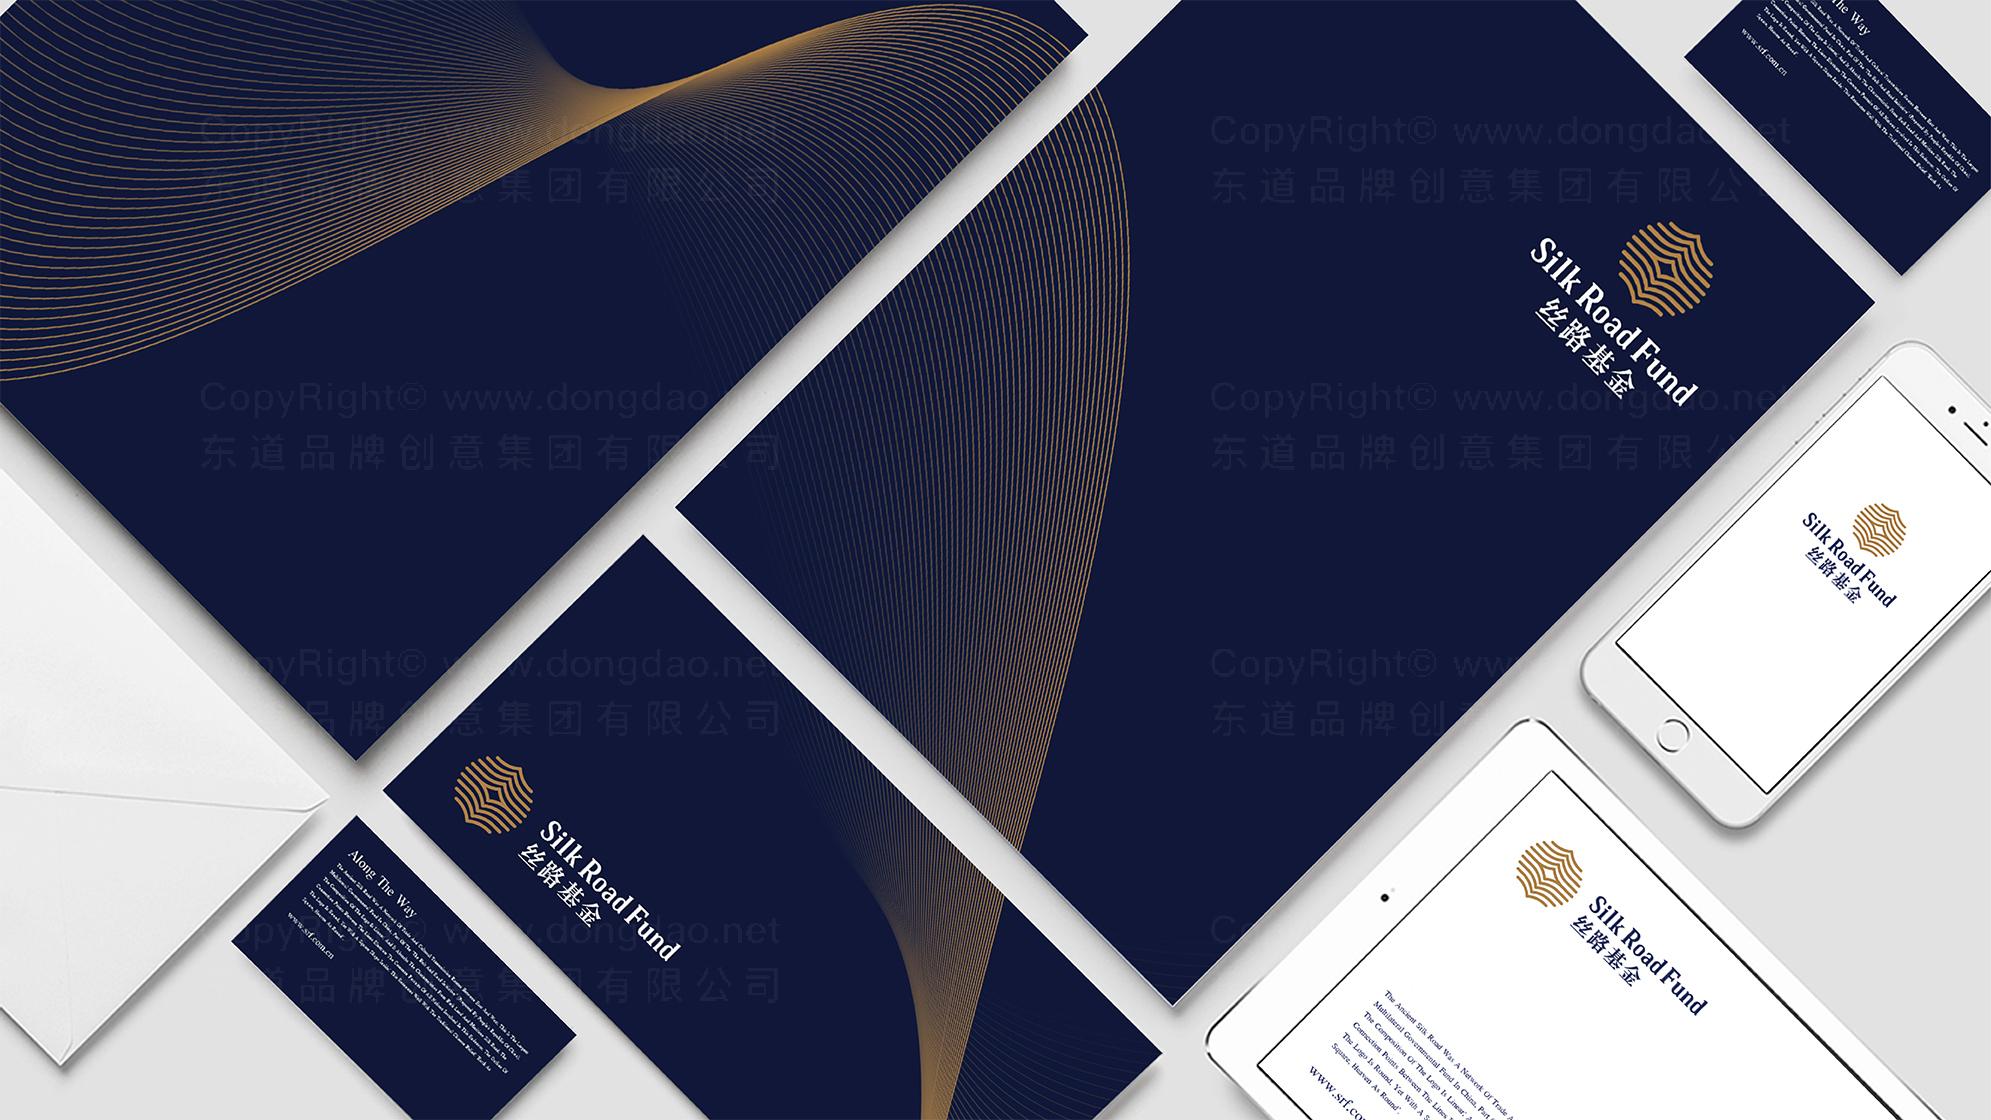 丝路基金公司logo设计、vi设计应用场景